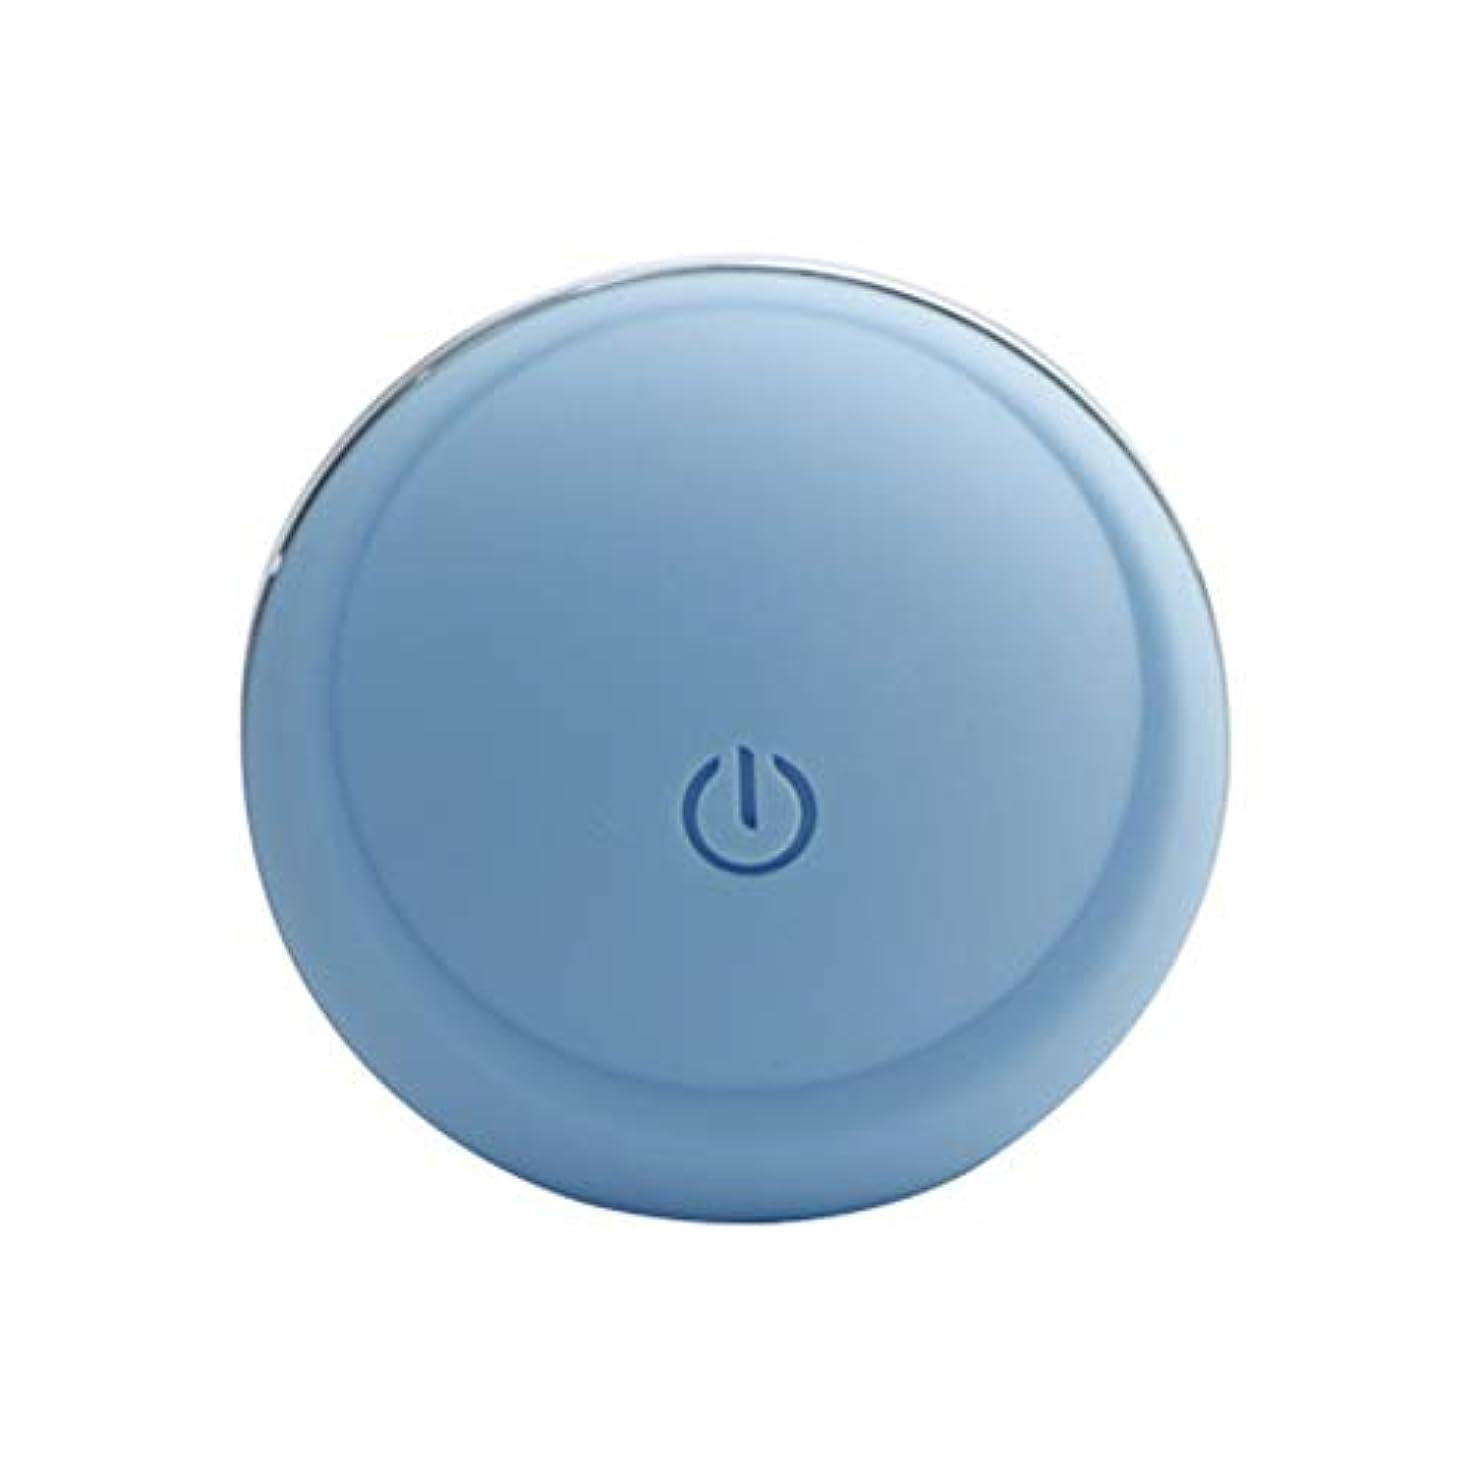 キリマンジャロ音声学天才電動洗顔ブラシ - USB 充電 携帯用電動シリコンフェイスクレンジングブラシ 3速 全身防水 洗浄機毛穴クリーナーホーム顔美容機器ホーム